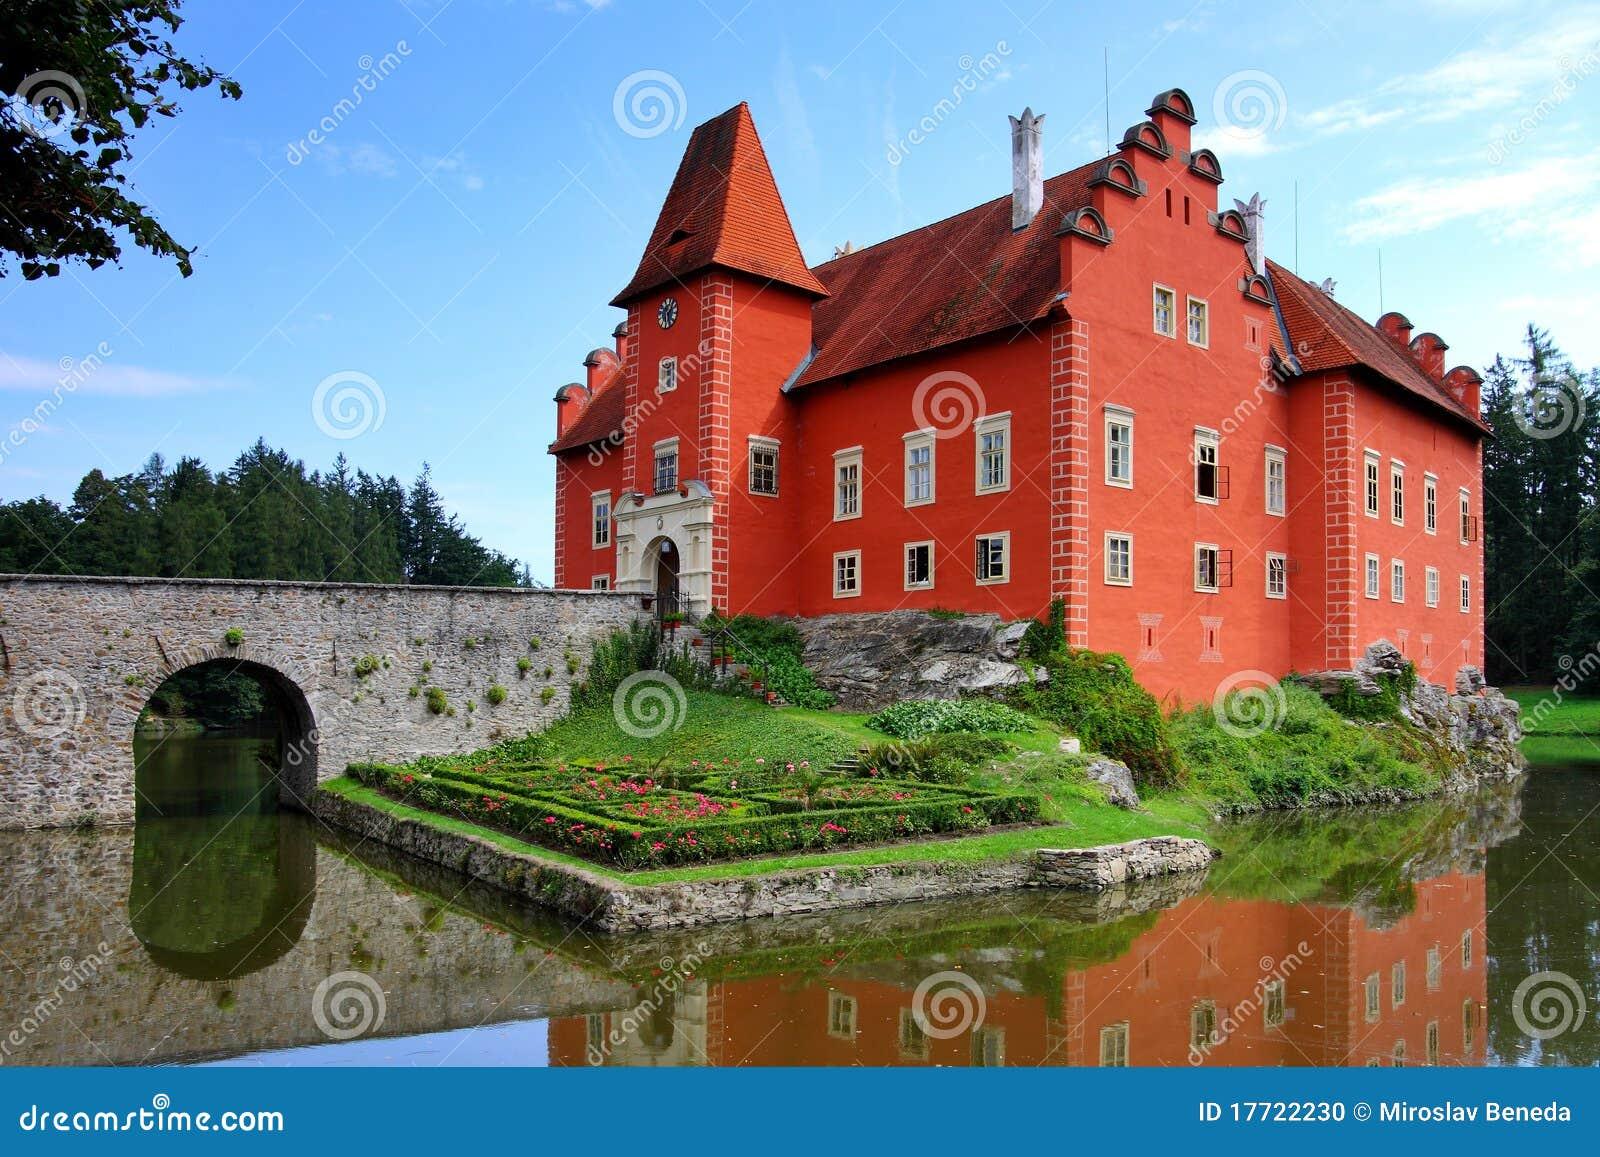 Red castle Cervena lhota - Červená lhota